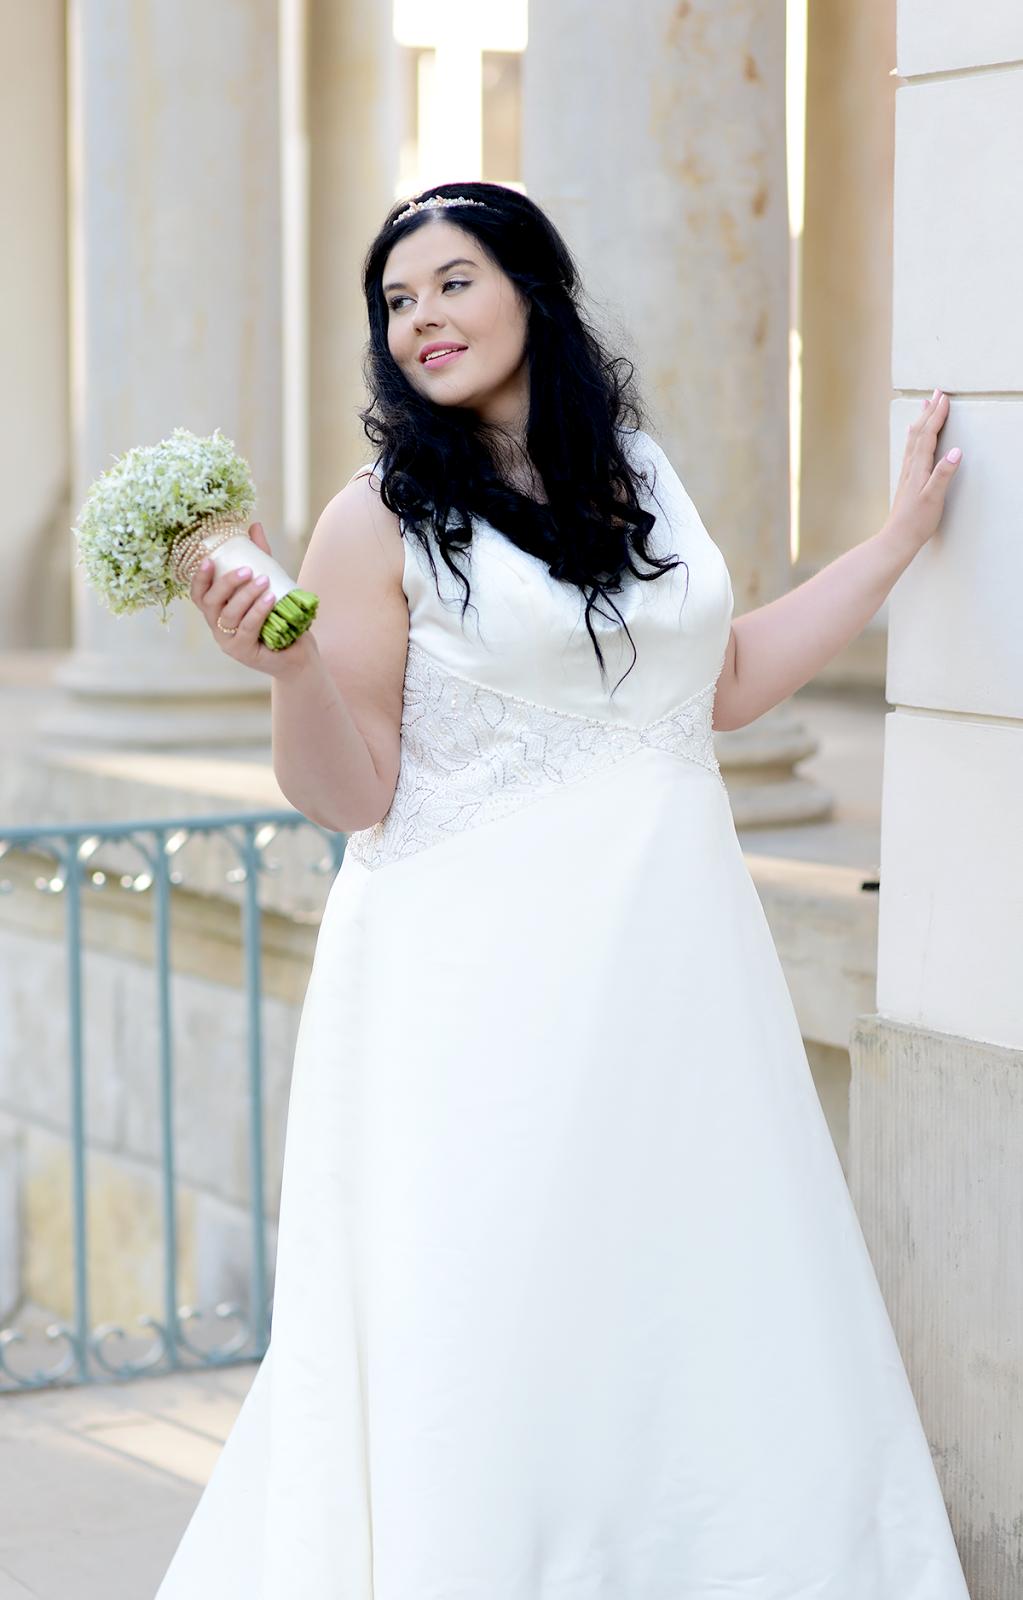 Suknia ślubna Plus Size Odcinek 1 Ewokracjapl